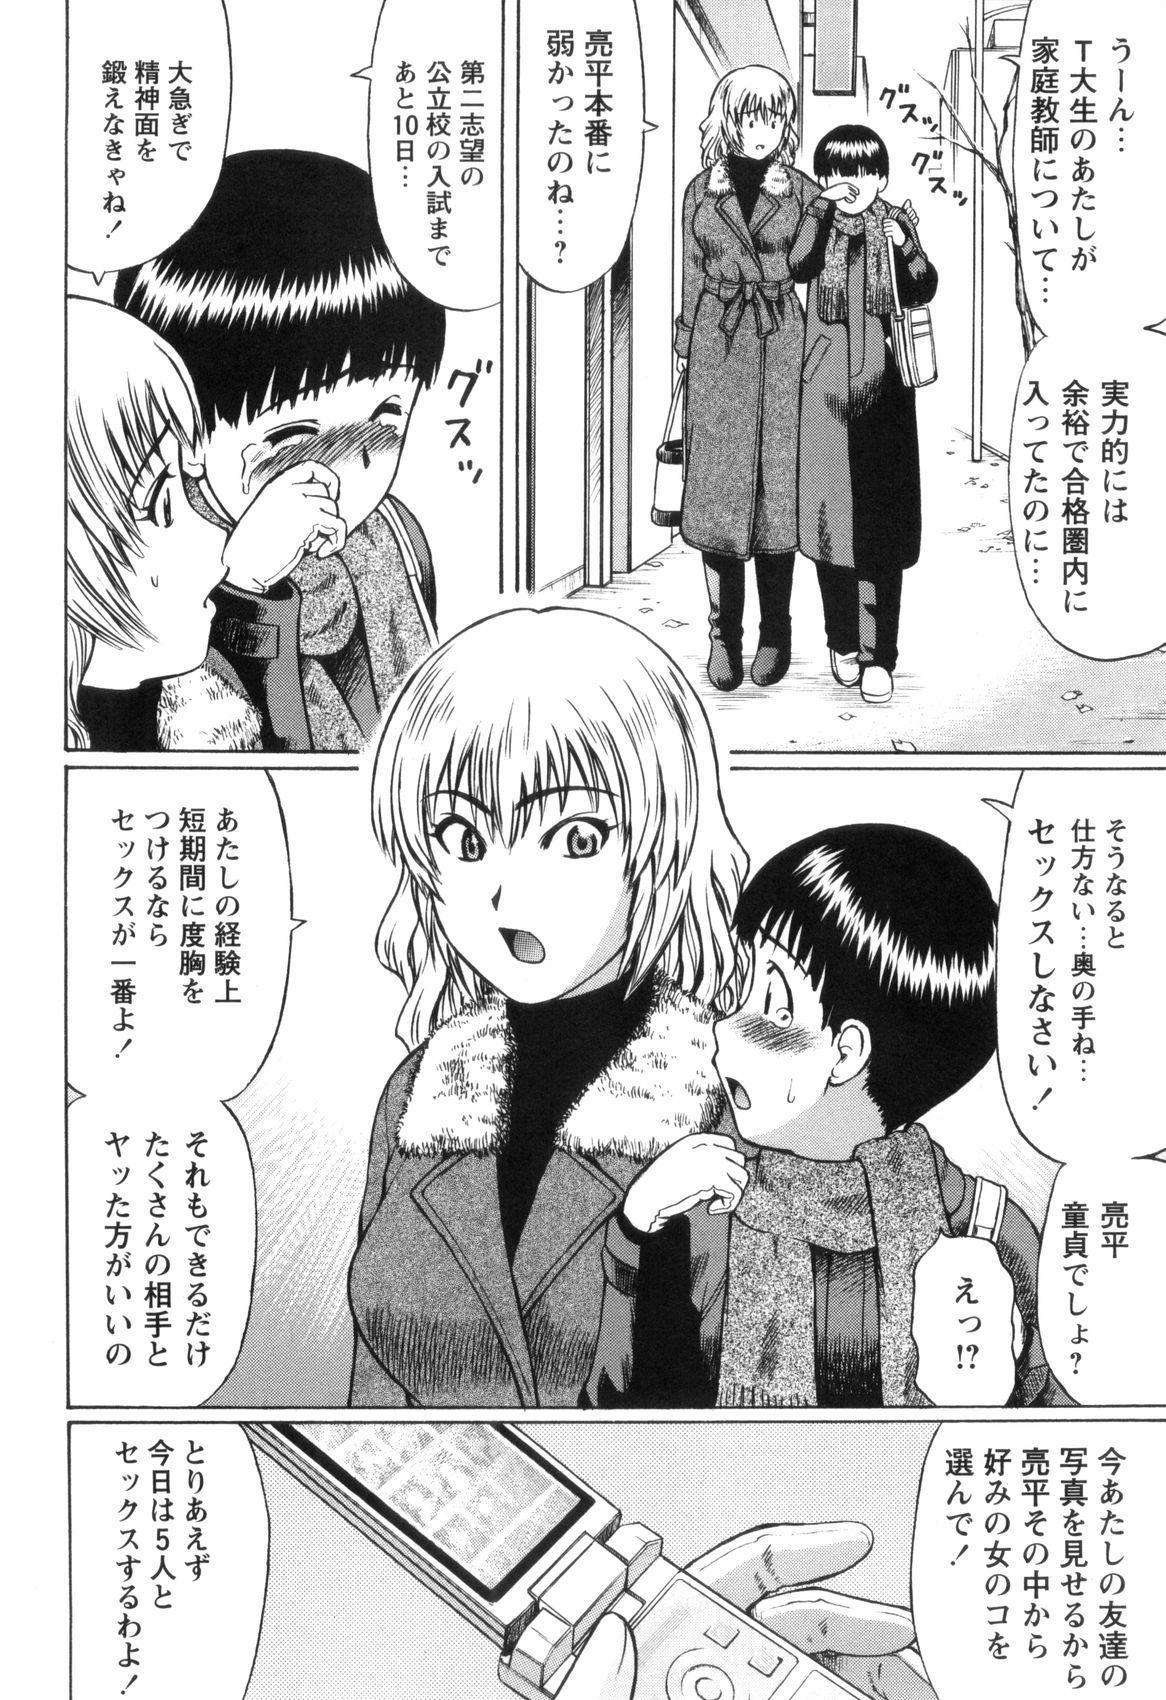 Doutei Yuugi 102